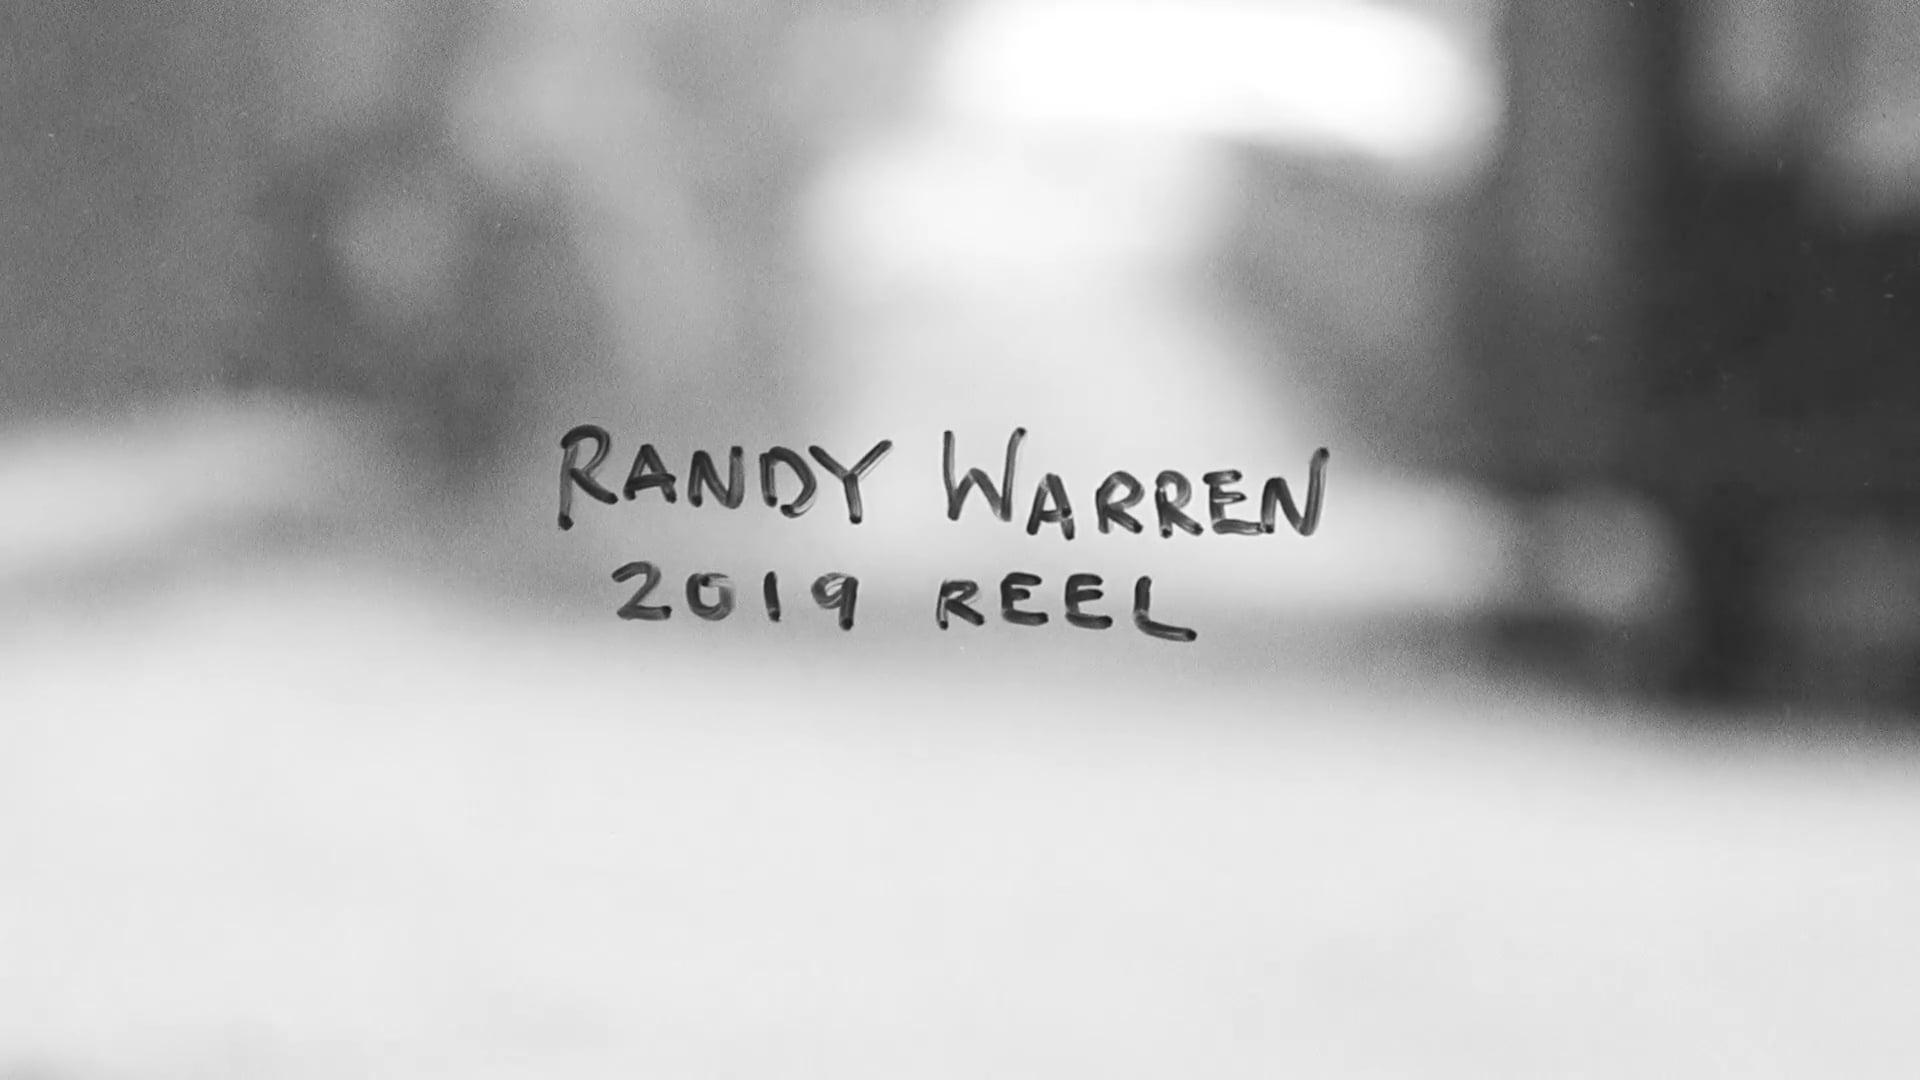 Randy Warren 2019 Reel